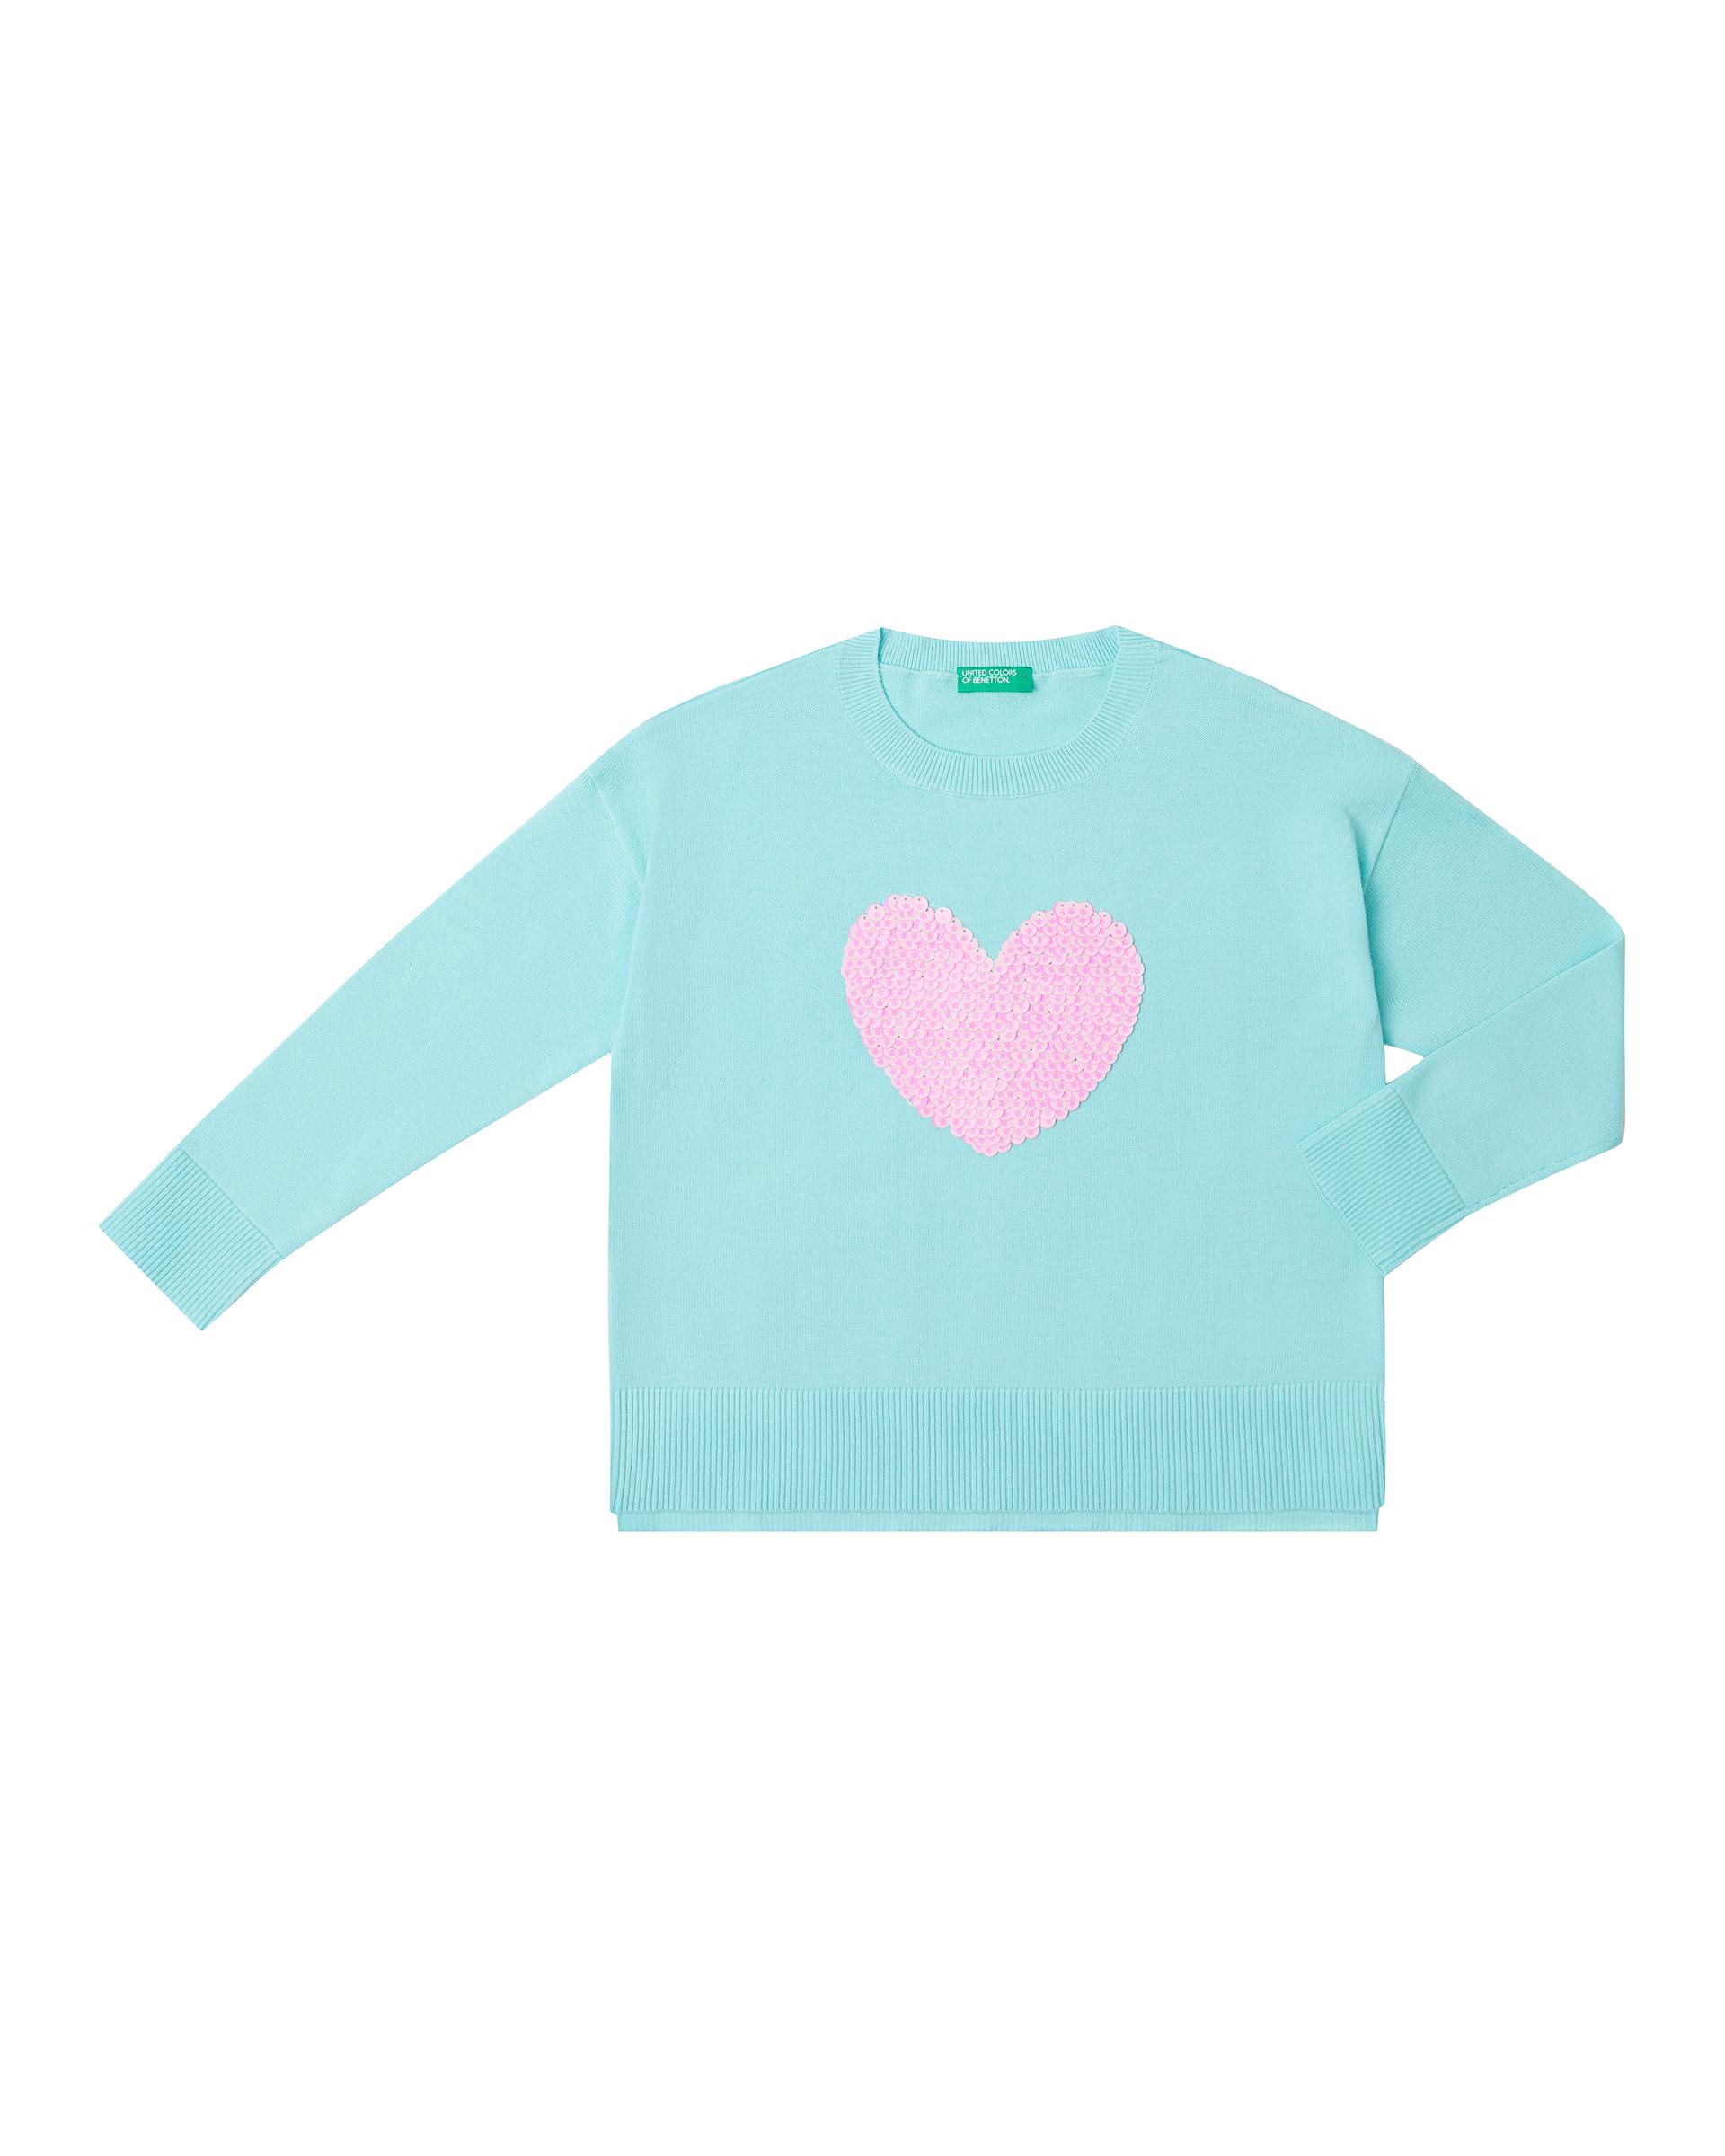 Купить 20P_10C1C1906_920, Джемпер для девочек Benetton 10C1C1906_920 р-р 152, United Colors of Benetton, Джемперы для девочек